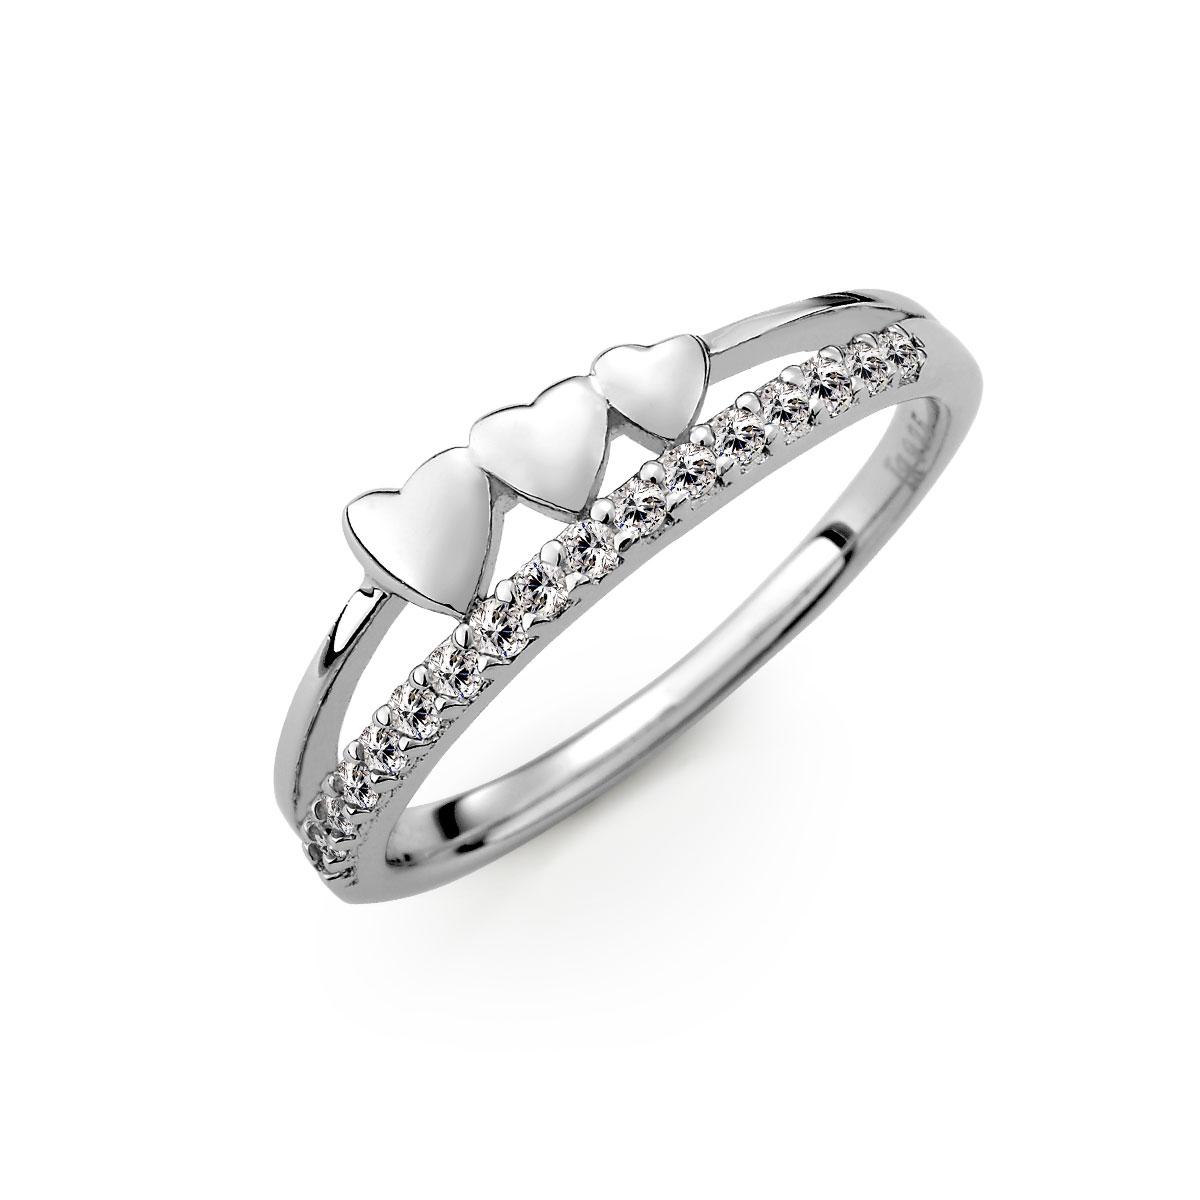 KSW144 一箭穿心浪漫戒指